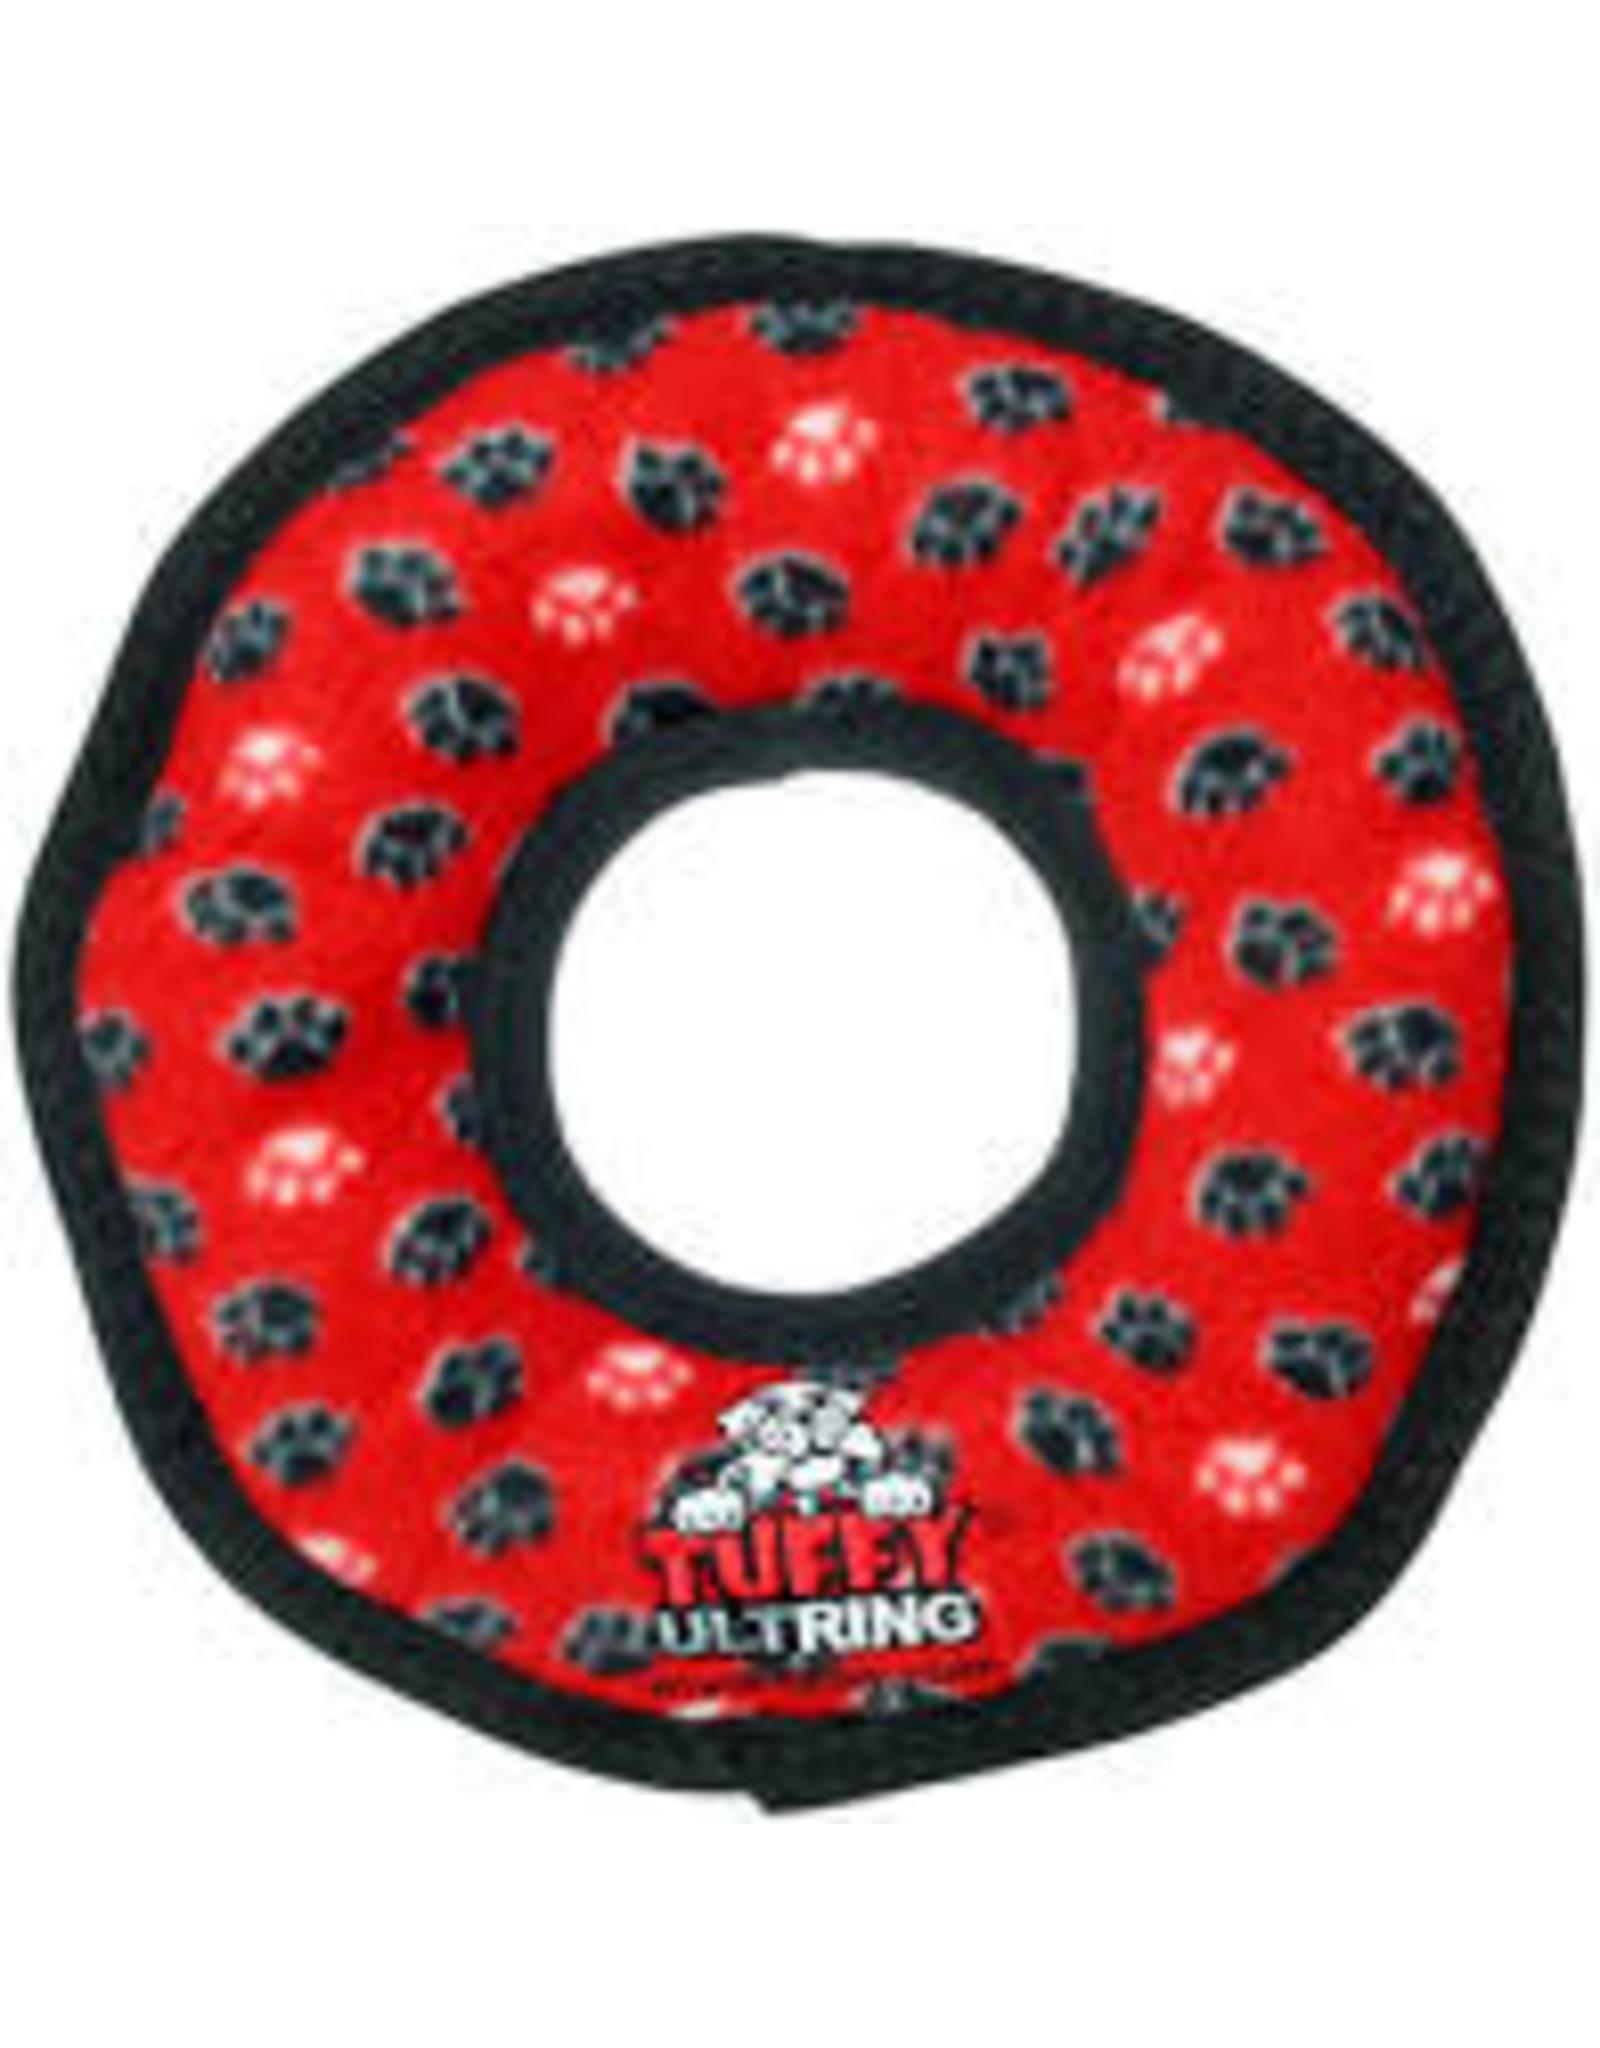 Tuffy Tuffy - No Stuffing Ultimate Ring